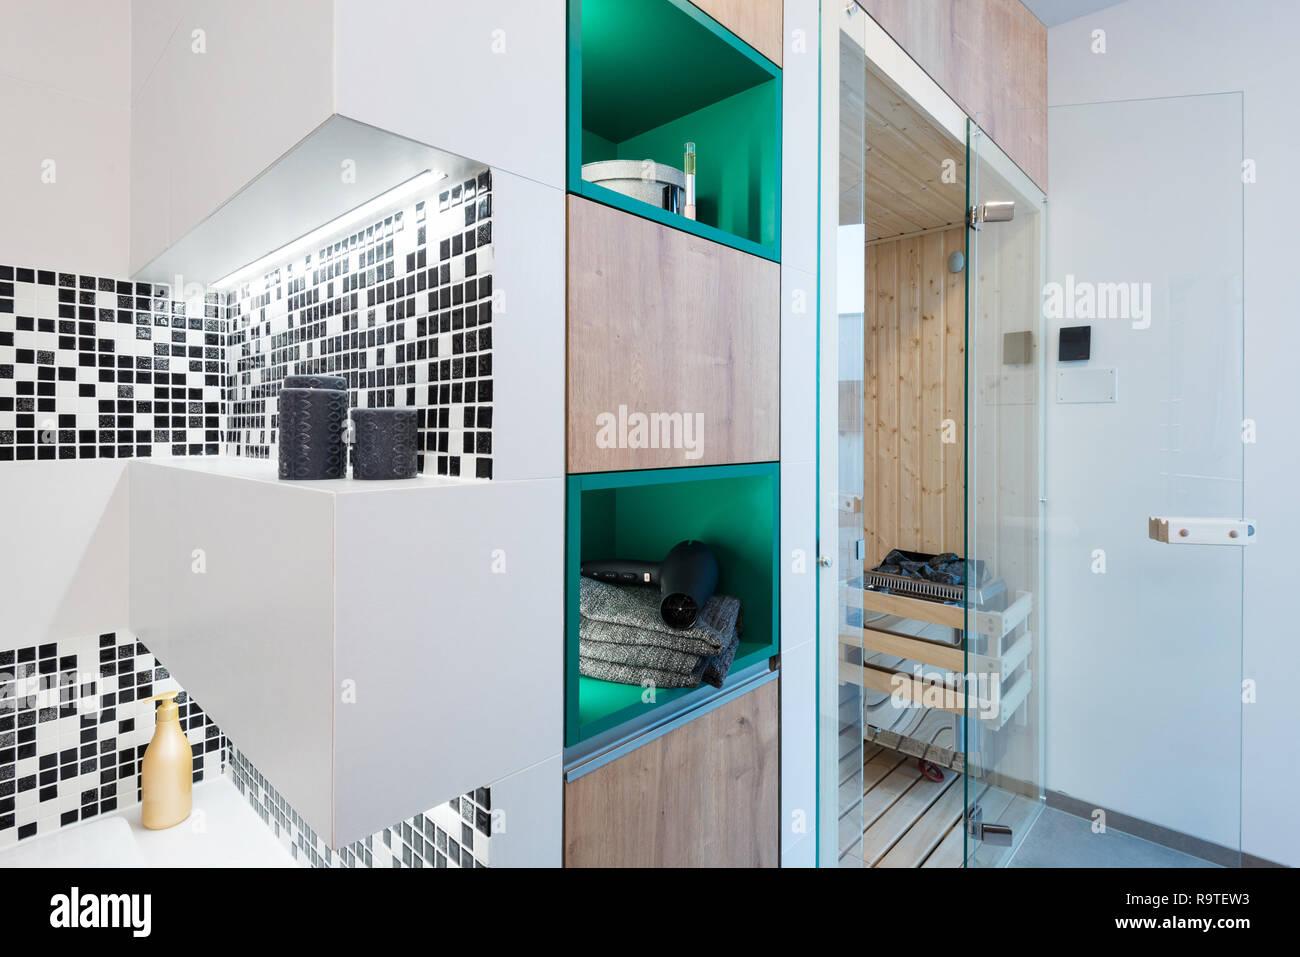 Kleine Sauna Stockfotos & Kleine Sauna Bilder - Alamy